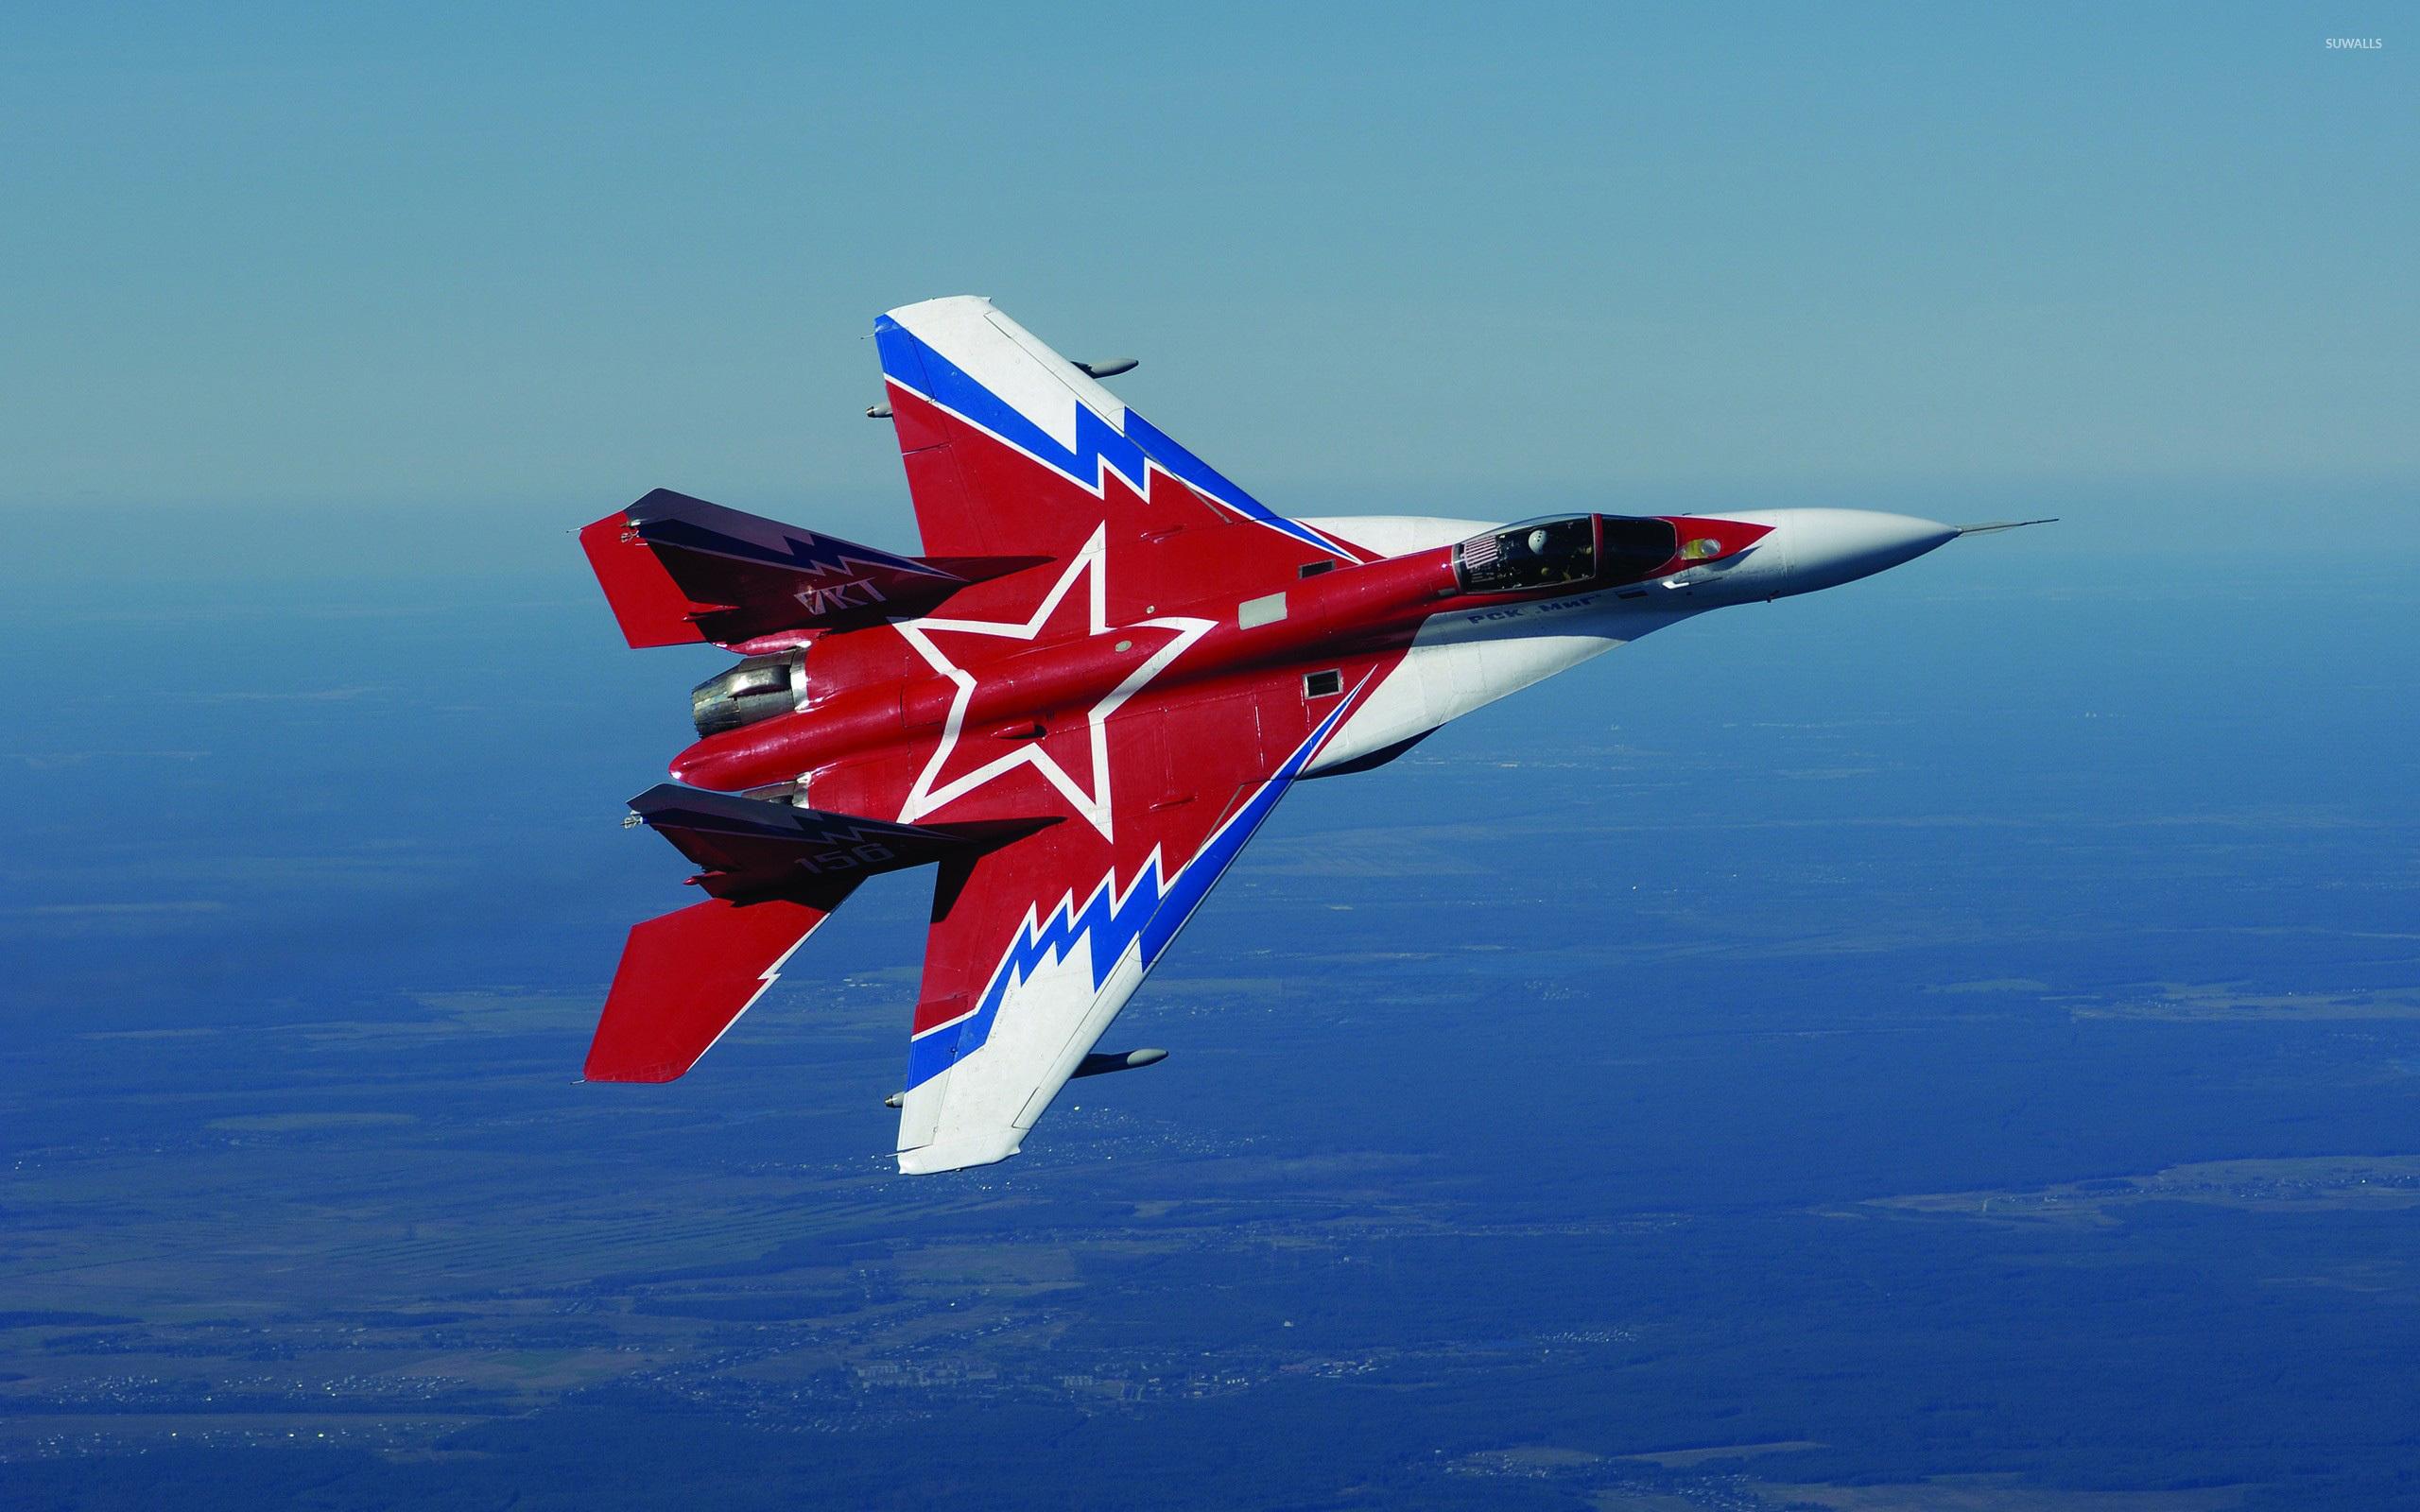 Mikoyan MiG-35 wallpaper - Aircraft wallpapers - #8101